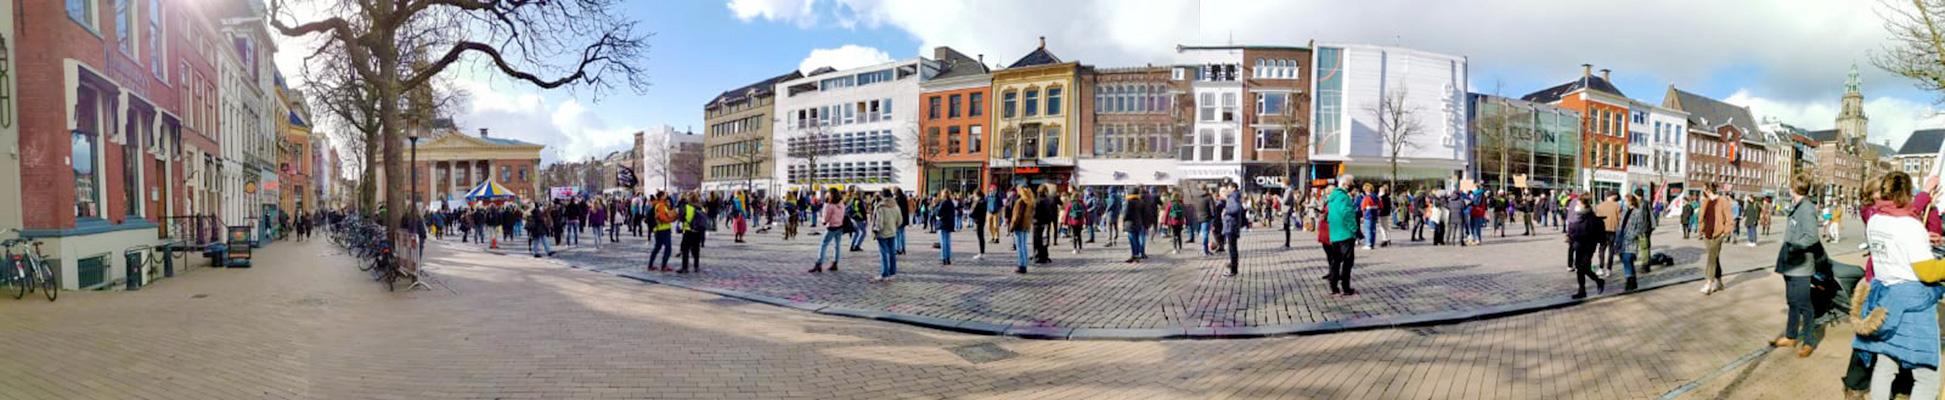 Klimaatalarm Vismarkt Groningen demonstratie corona